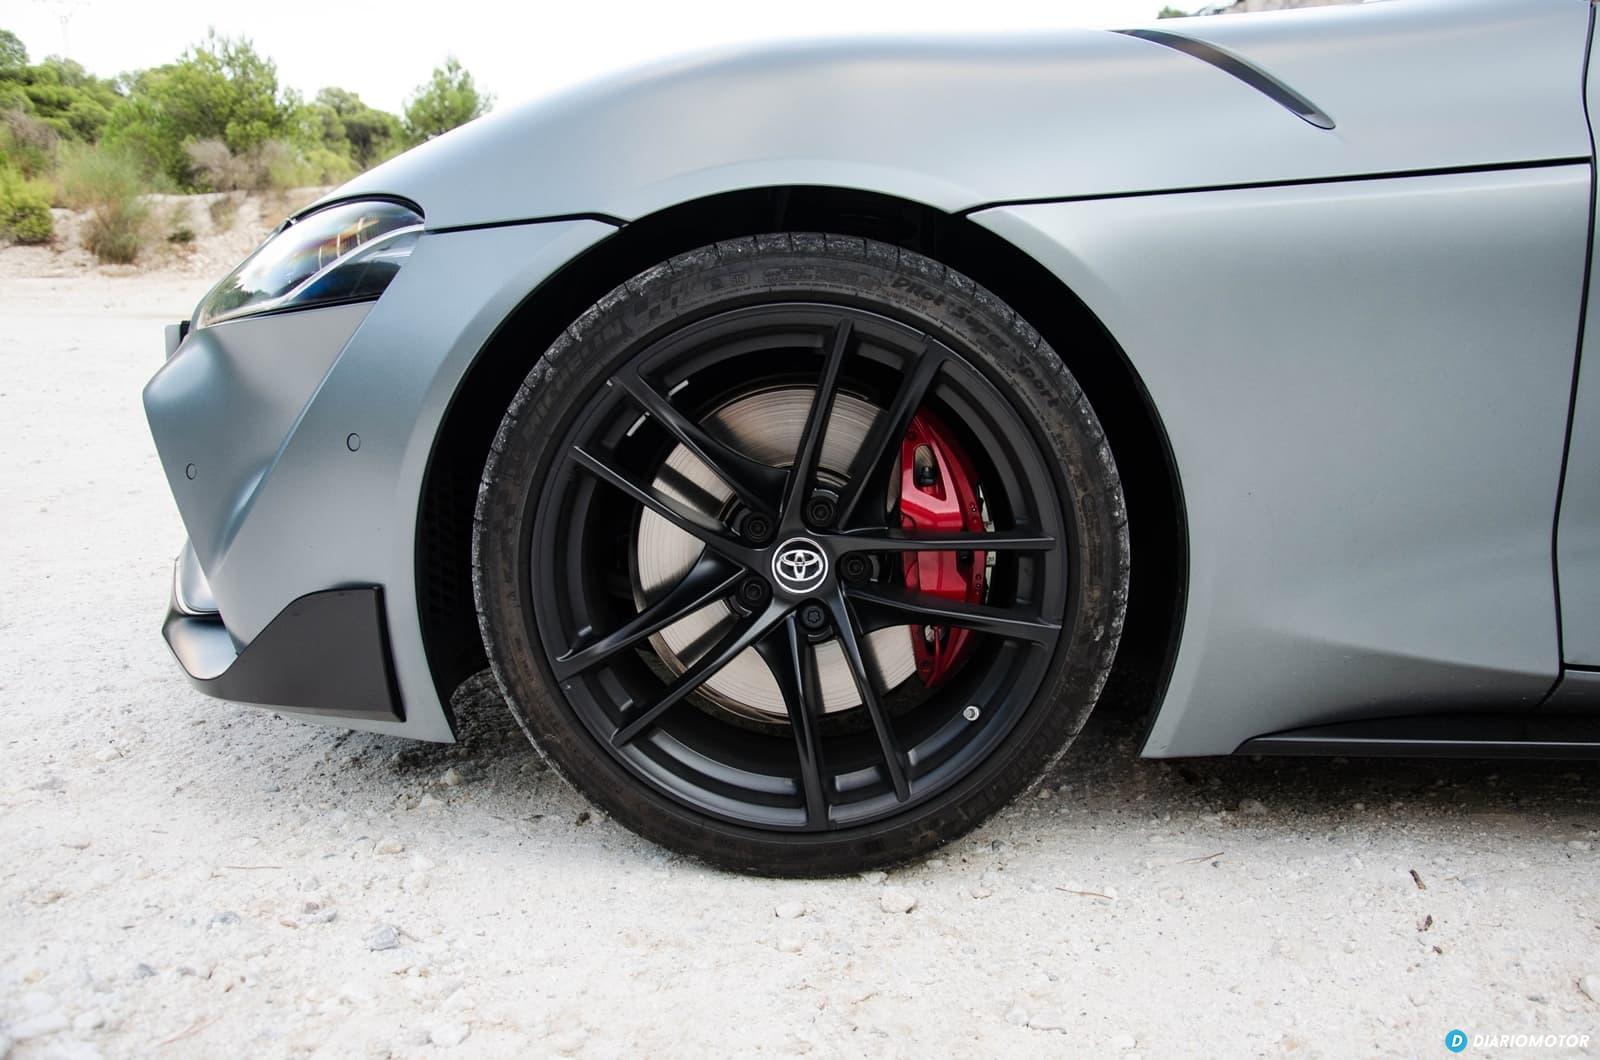 Toyota Supra A90 Edition llantas, frenos y ruedas